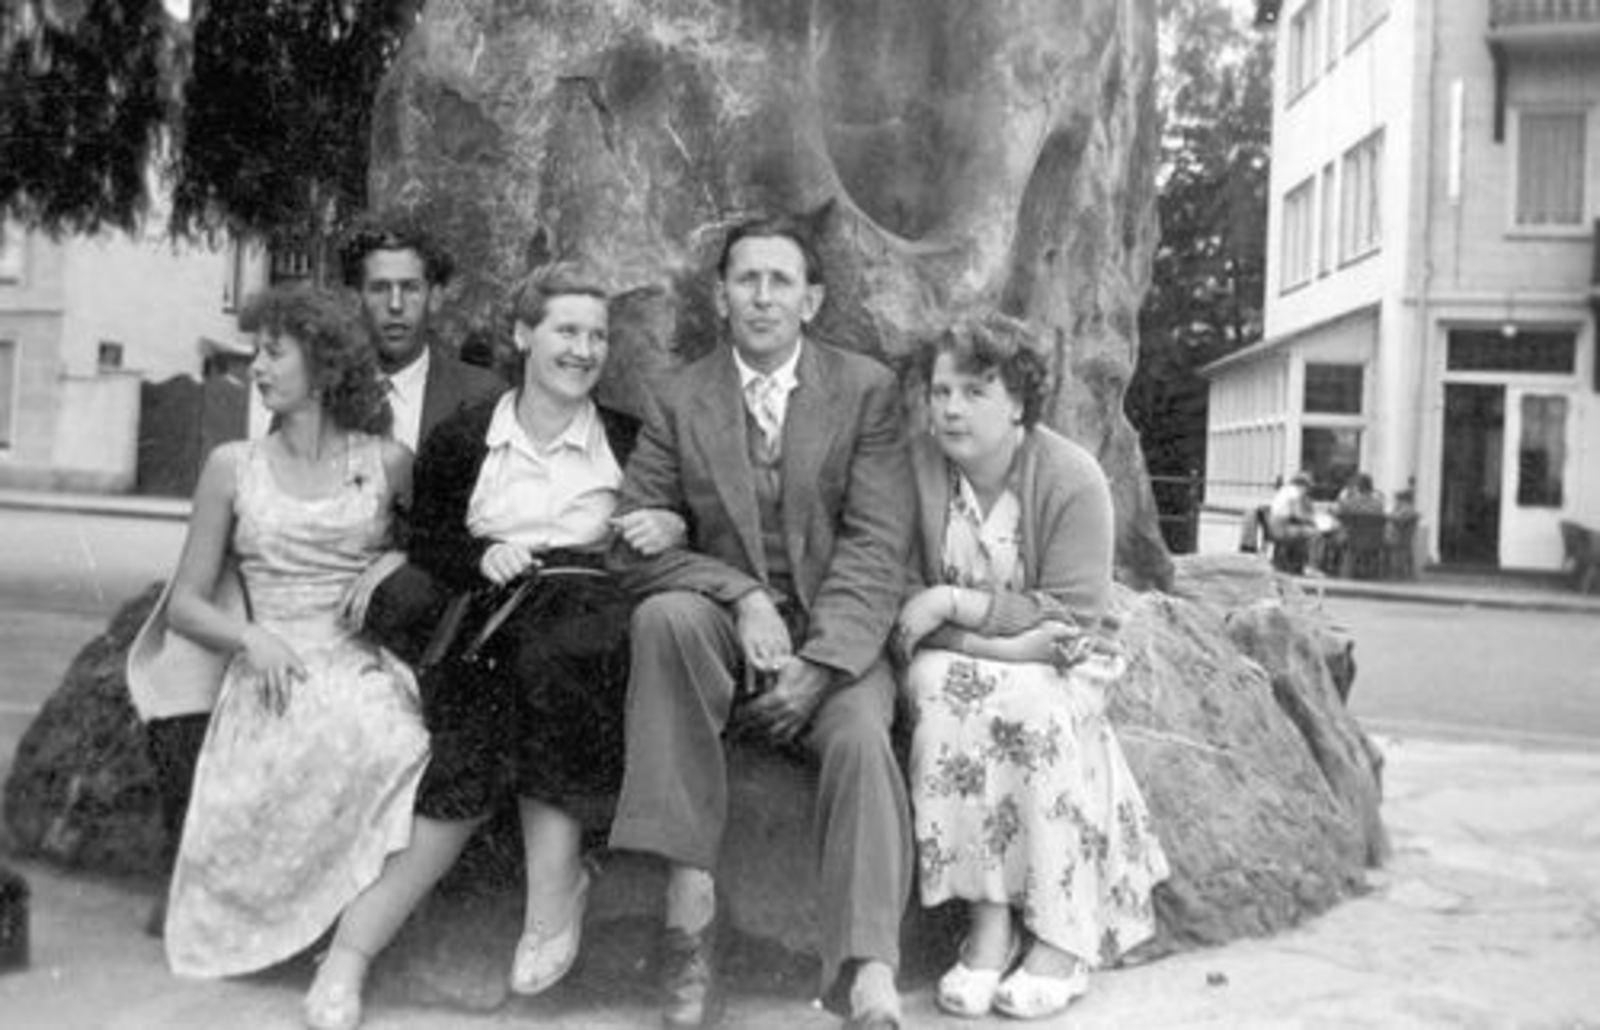 Imanse Iman C 1920 19__ Uitje met Vrienden Serie 61 03